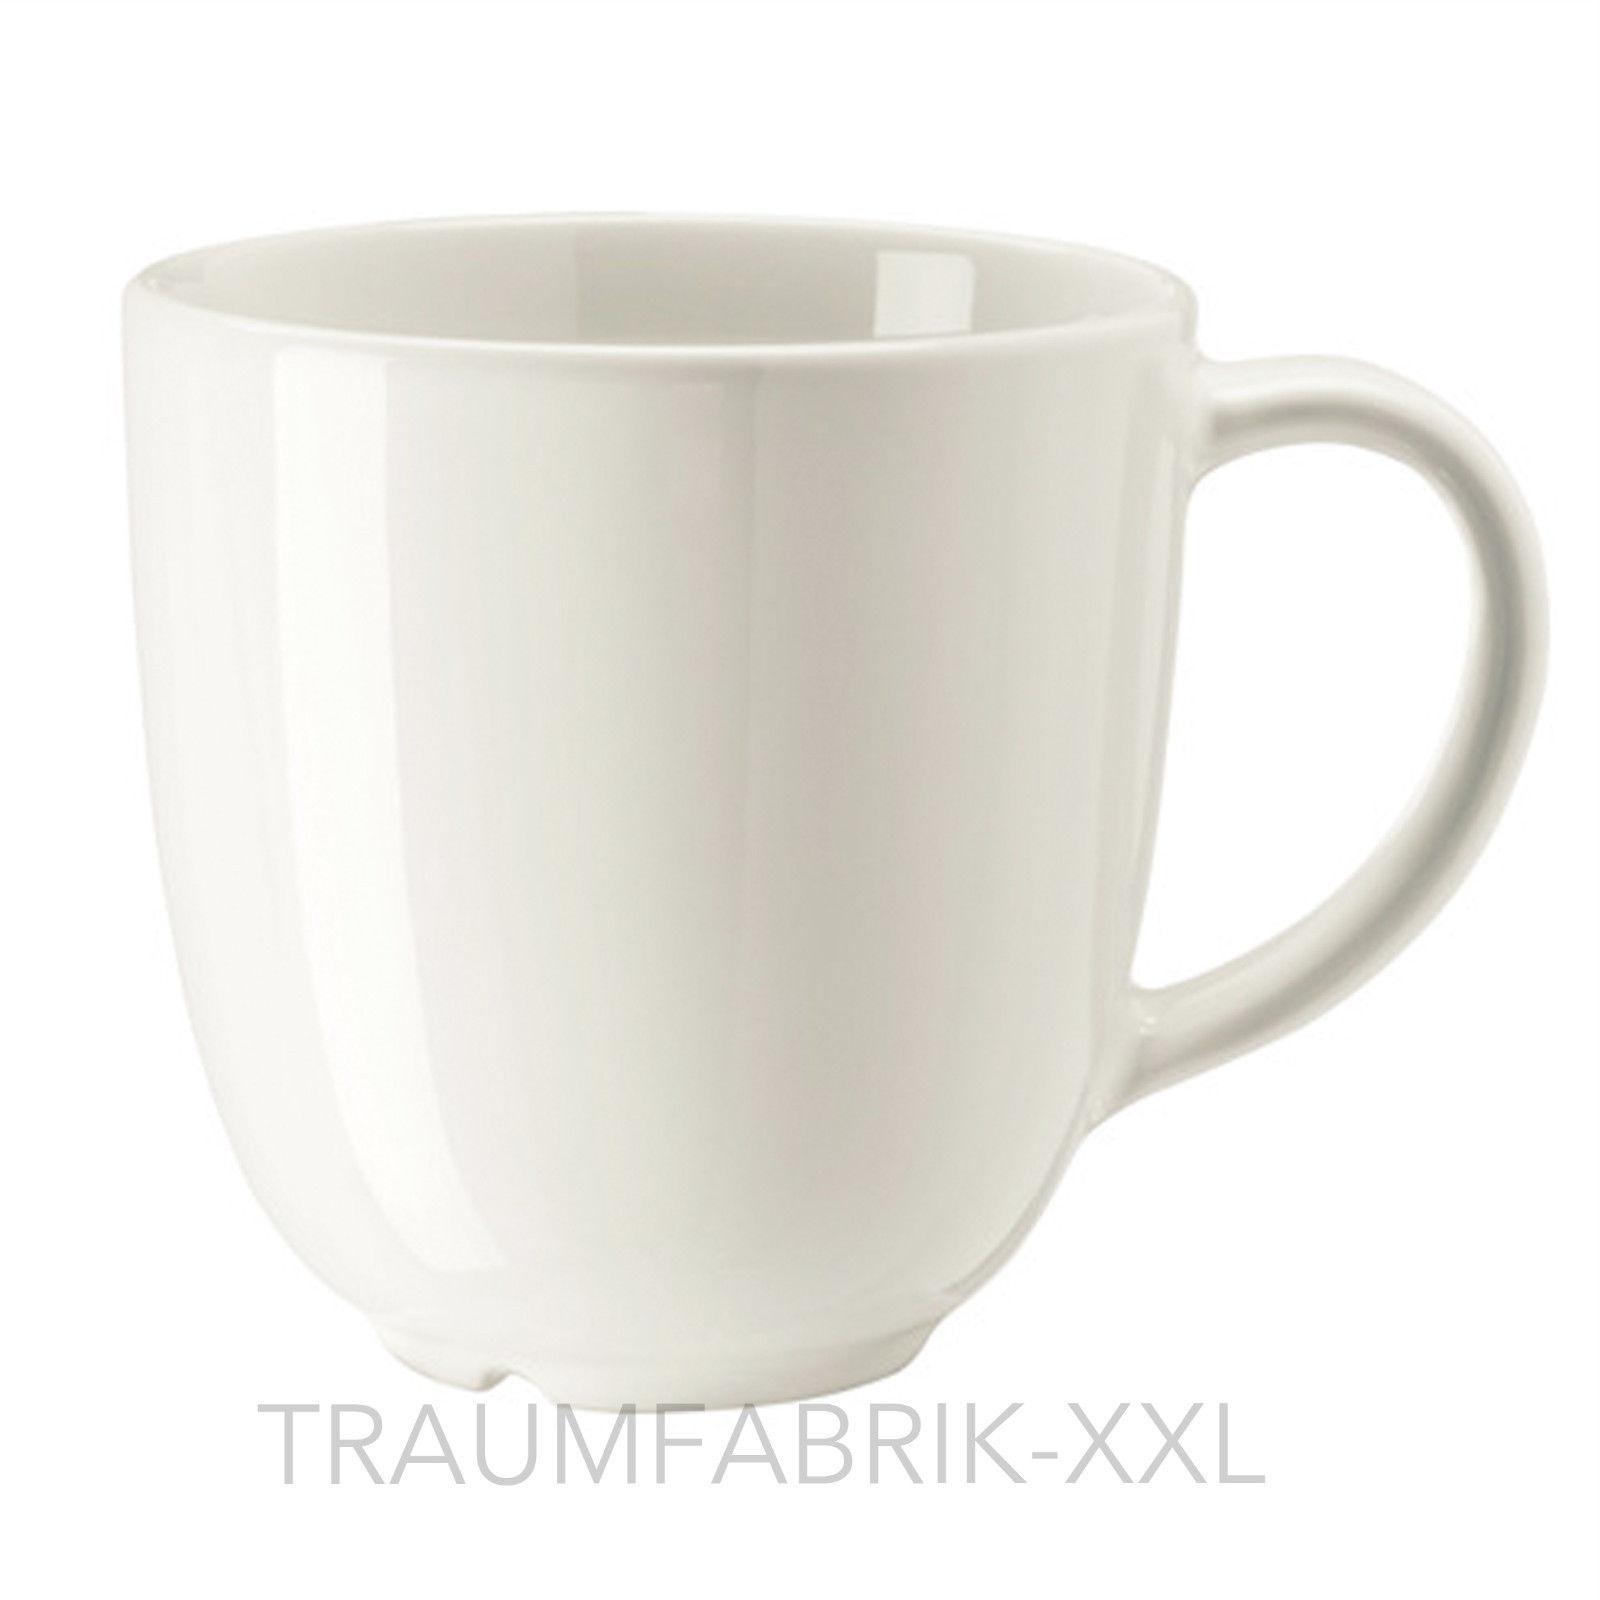 ikea vardagen kaffeebecher wei kaffee tasse becher kaffeepott tassen 300ml neu traumfabrik xxl. Black Bedroom Furniture Sets. Home Design Ideas